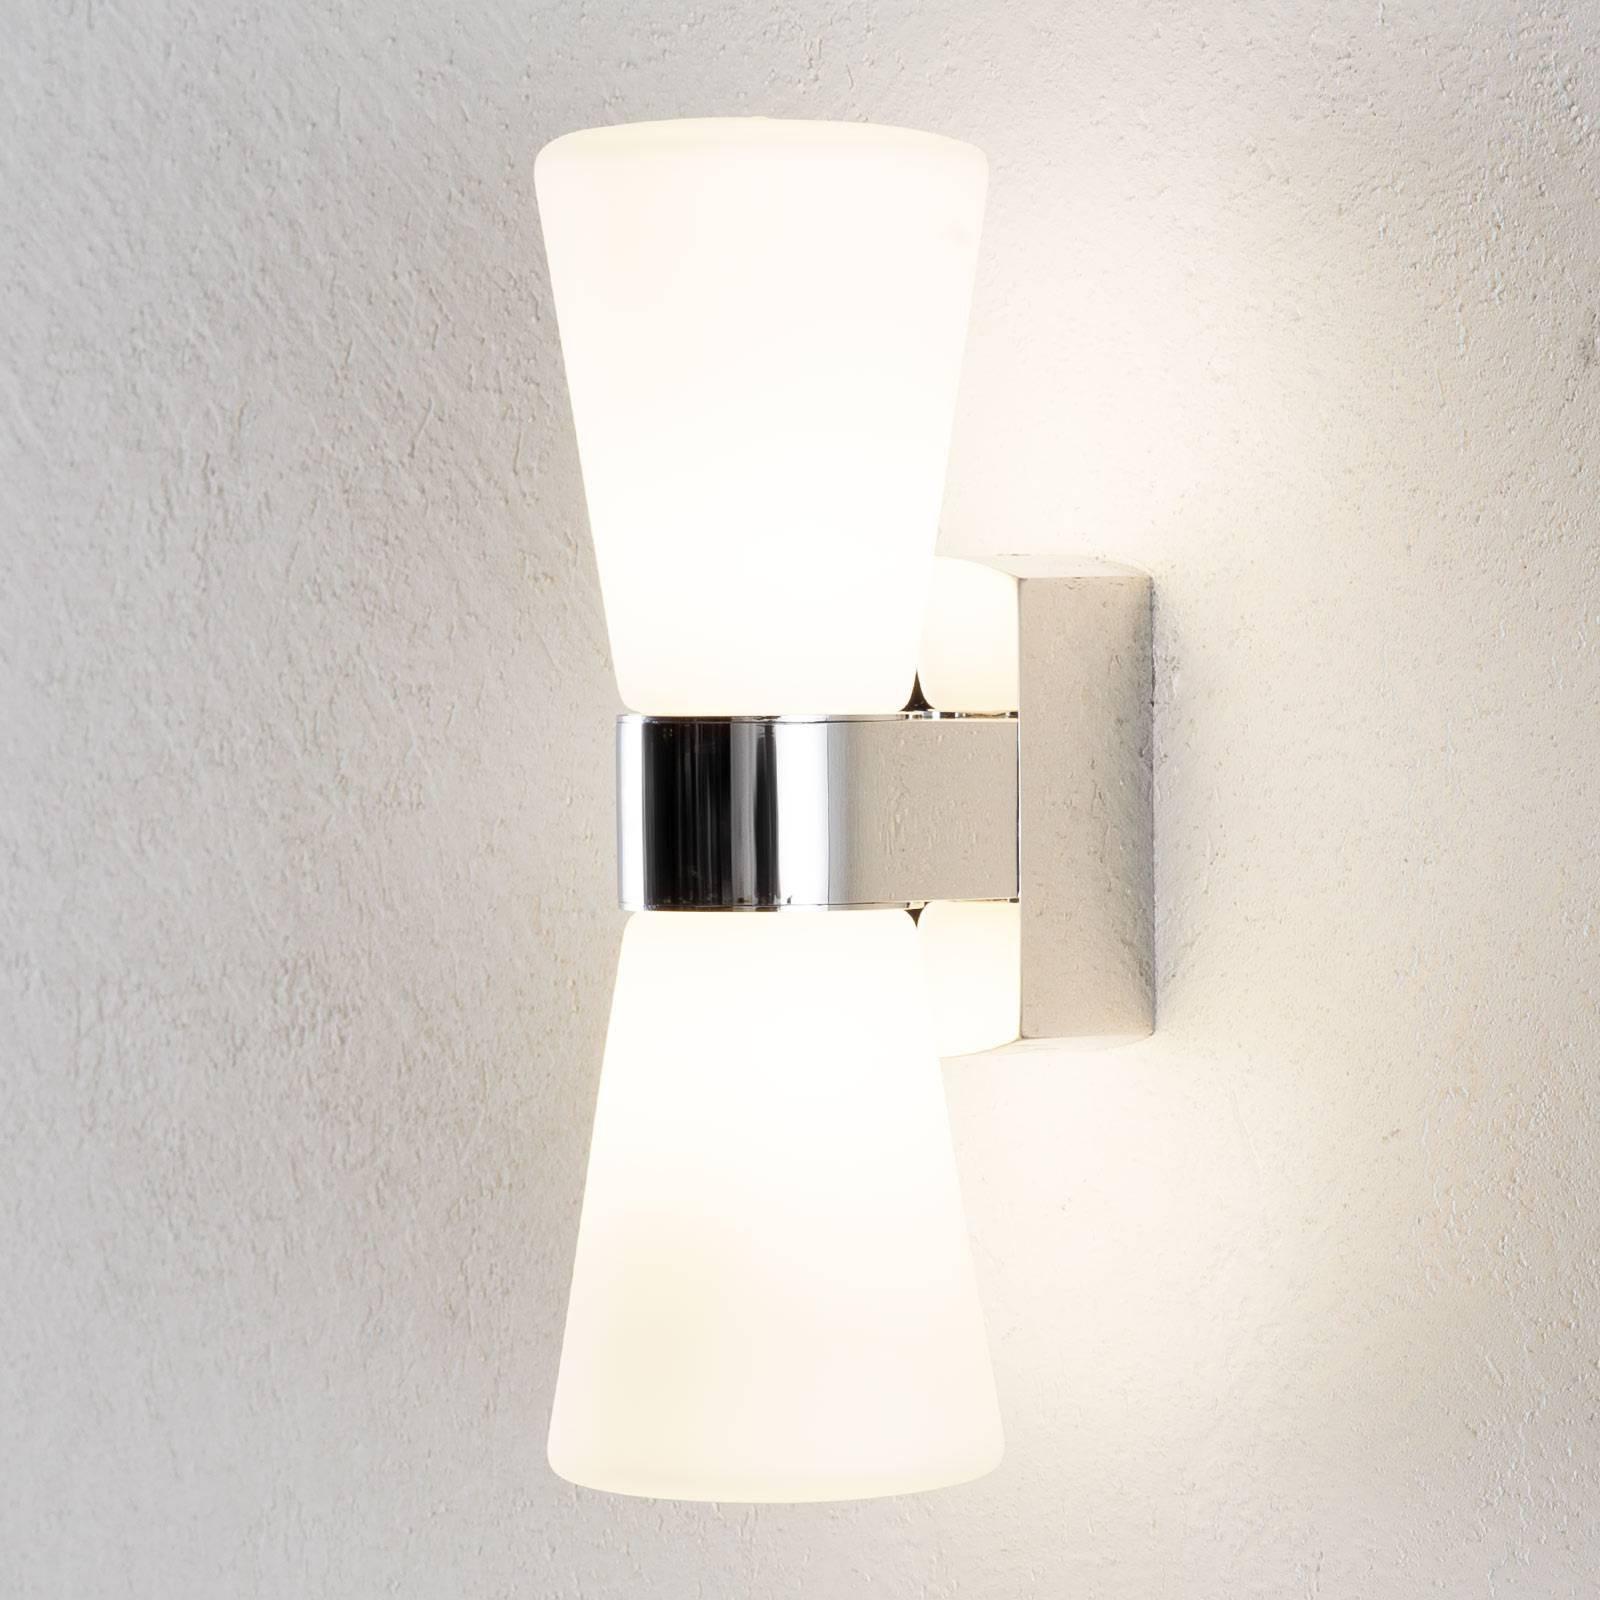 Vakkert utformet LED-vegglampe Cailin - IP44